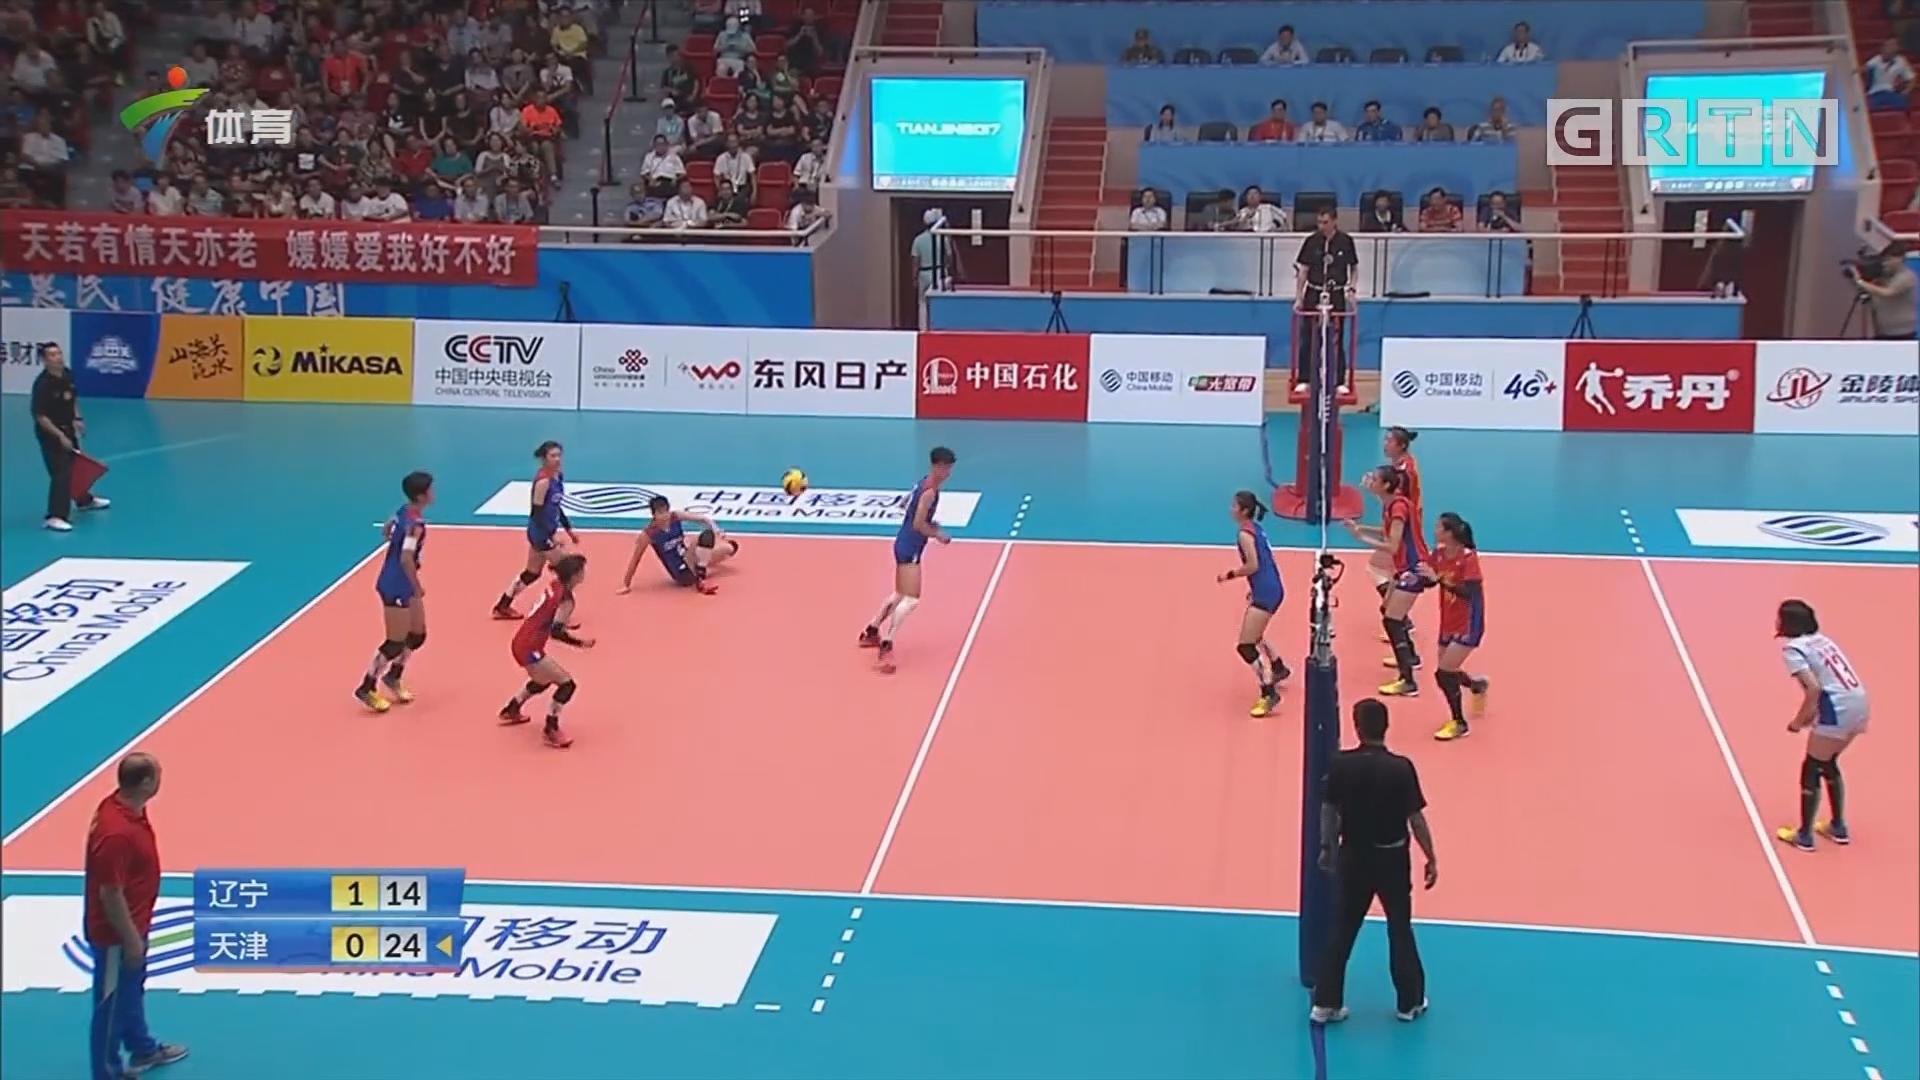 天津收获全运会U21女子排球金牌